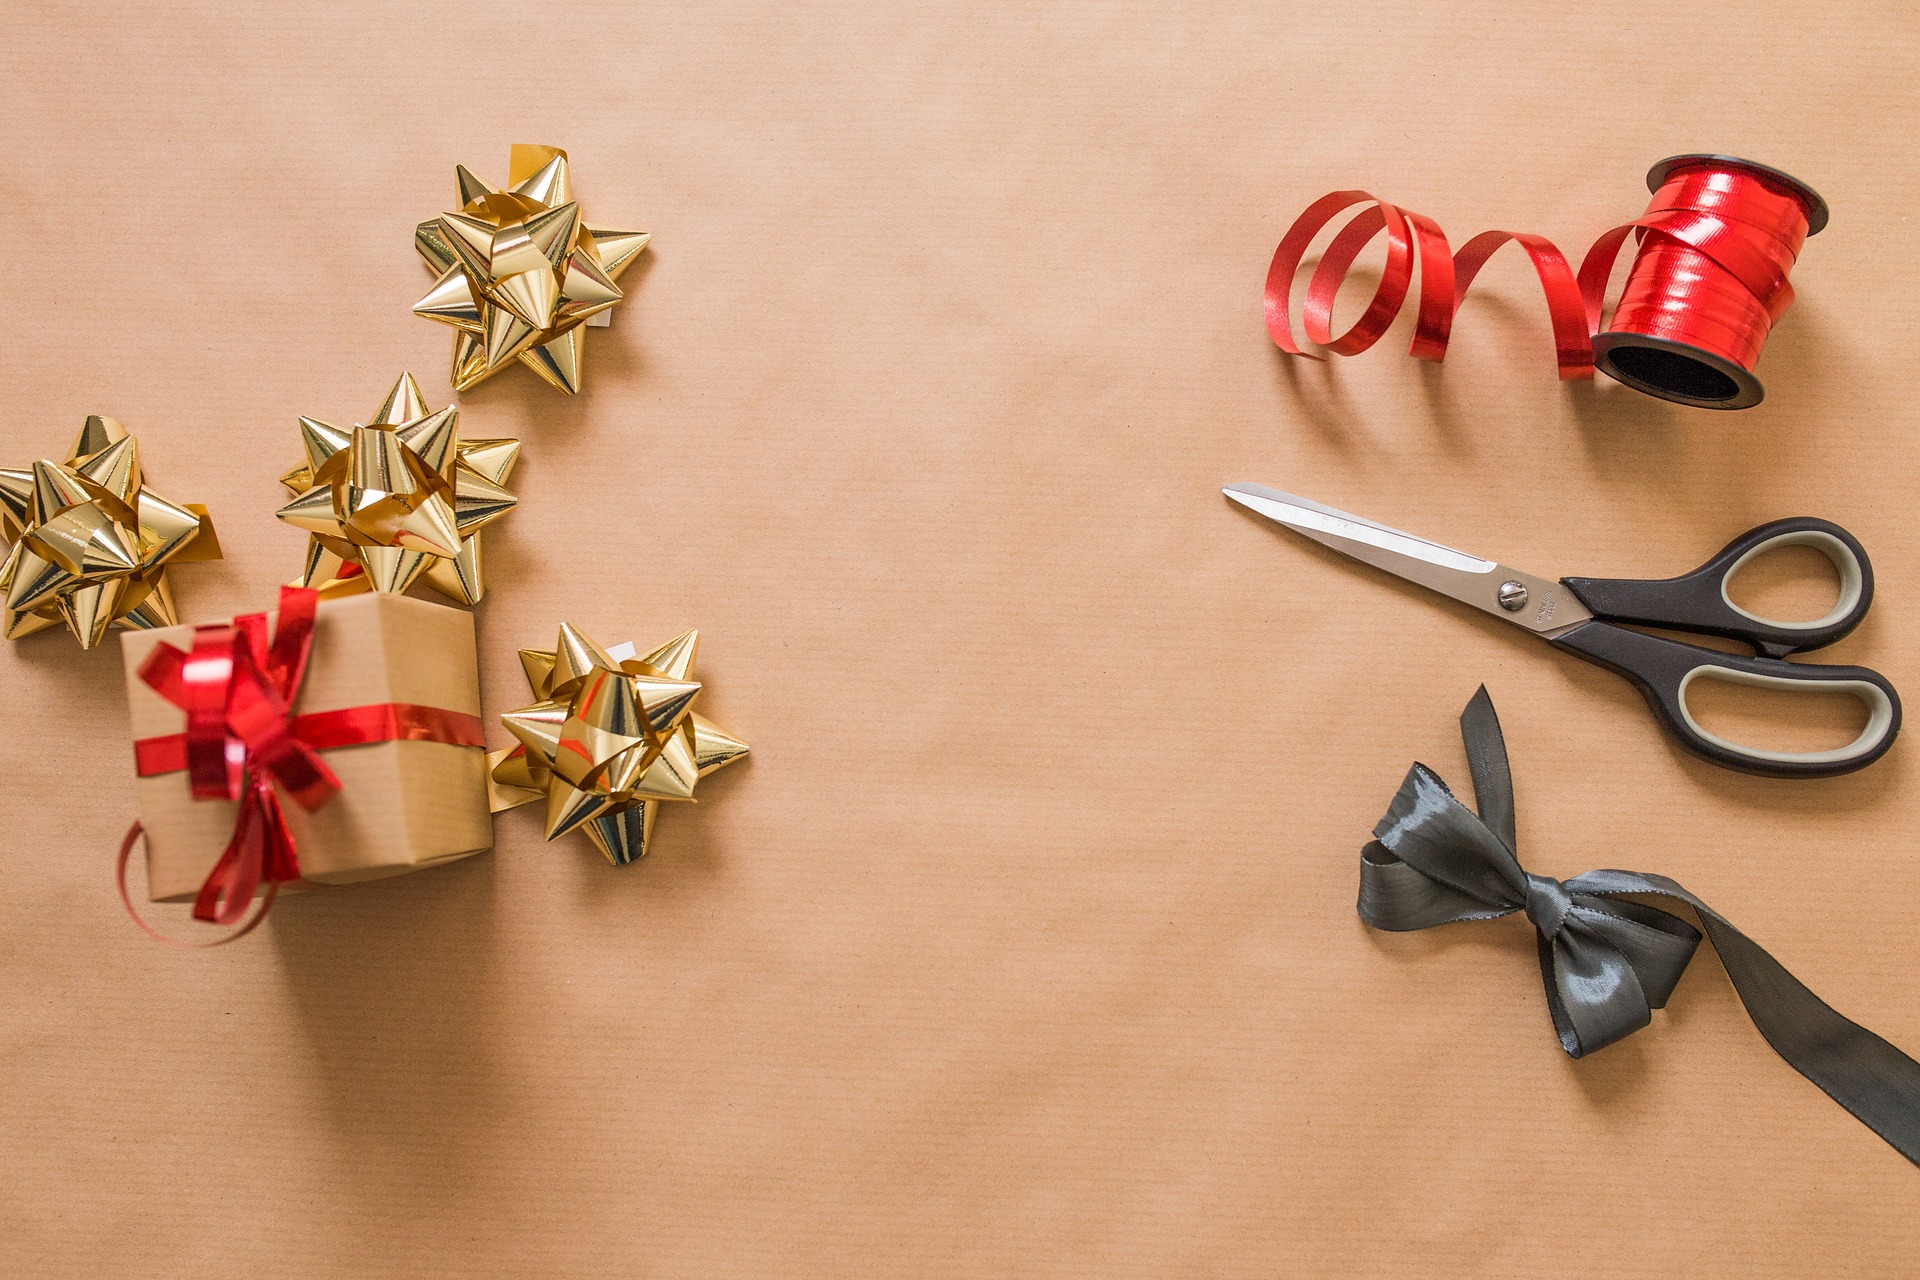 Jak vyrobit dárek na poslední chvíli?